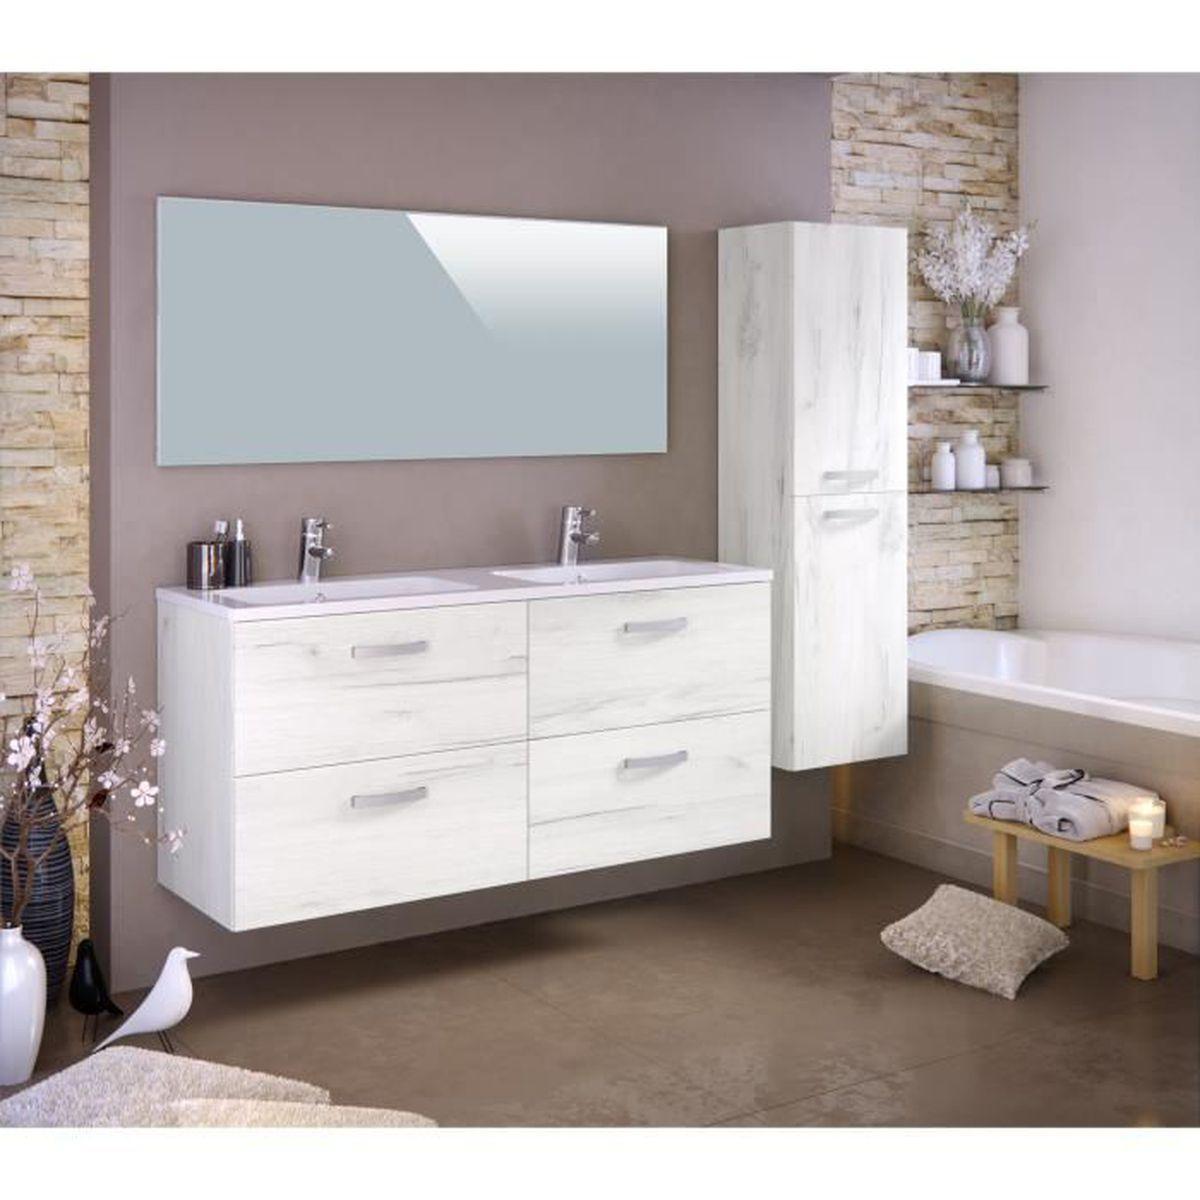 Meuble de salle de bain 1 vasque 2 robinet 120 cm achat for Meuble double vasque 120 cm pas cher